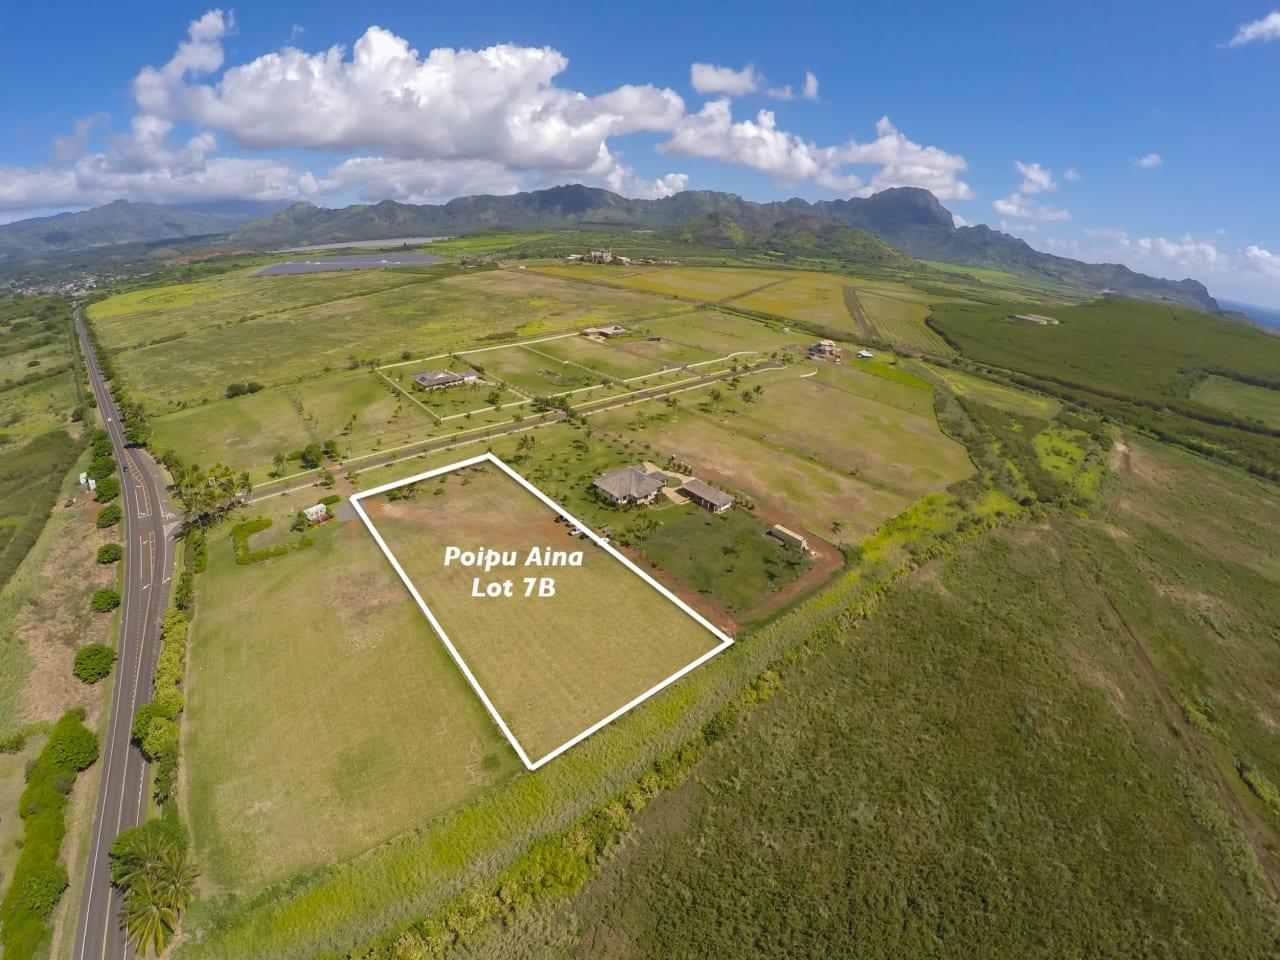 Kauai Real Estate, Poipu Aina Lot In Escrow, Kauai Housing Market Minute Update